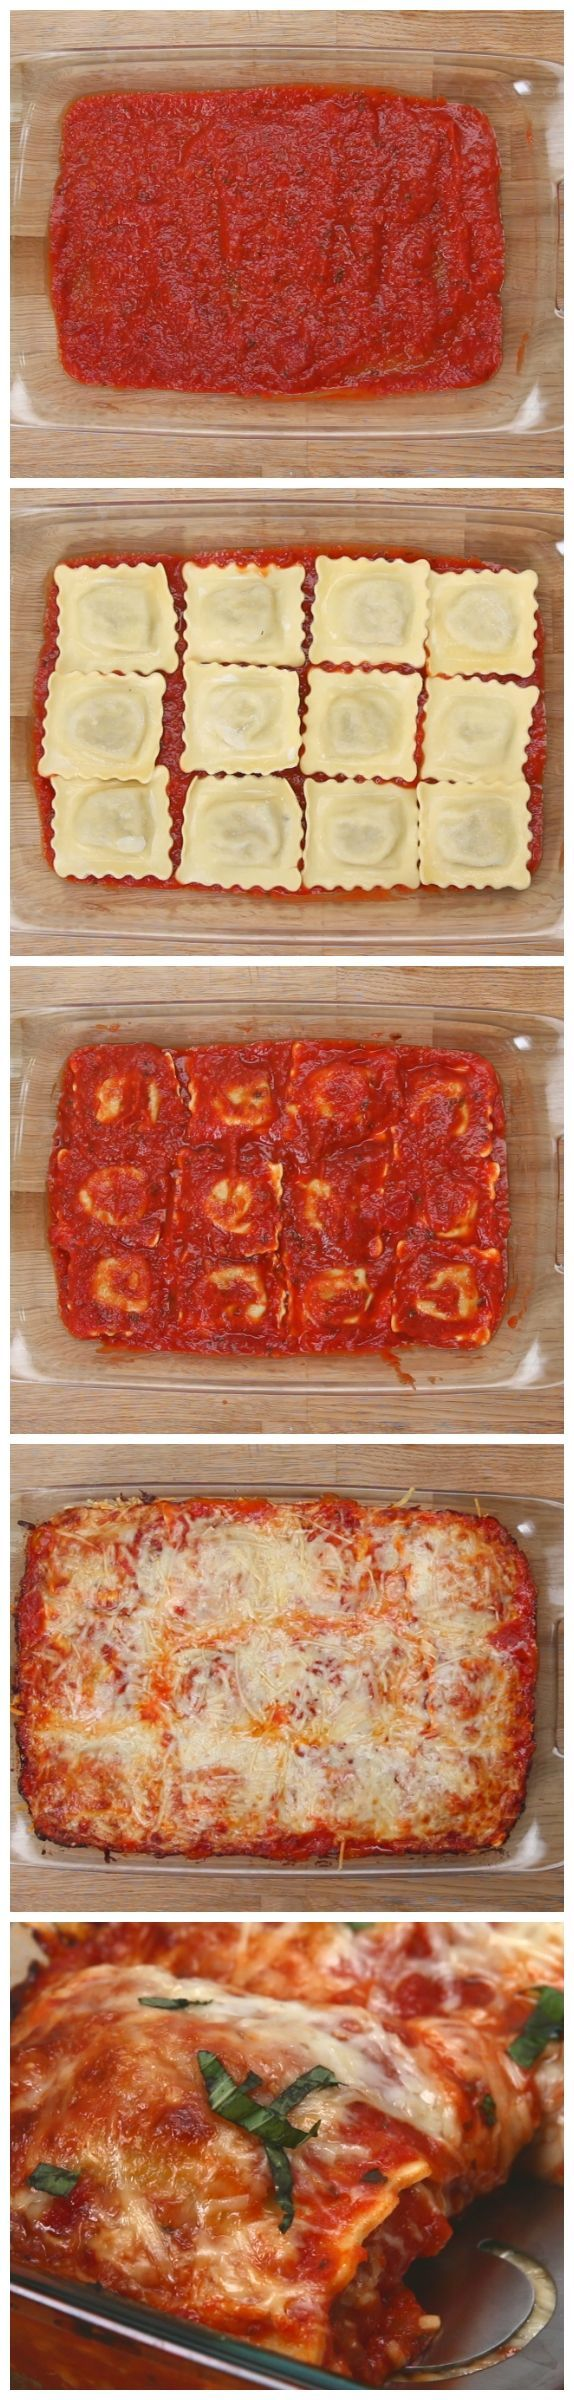 Easy Ravioli Bake: